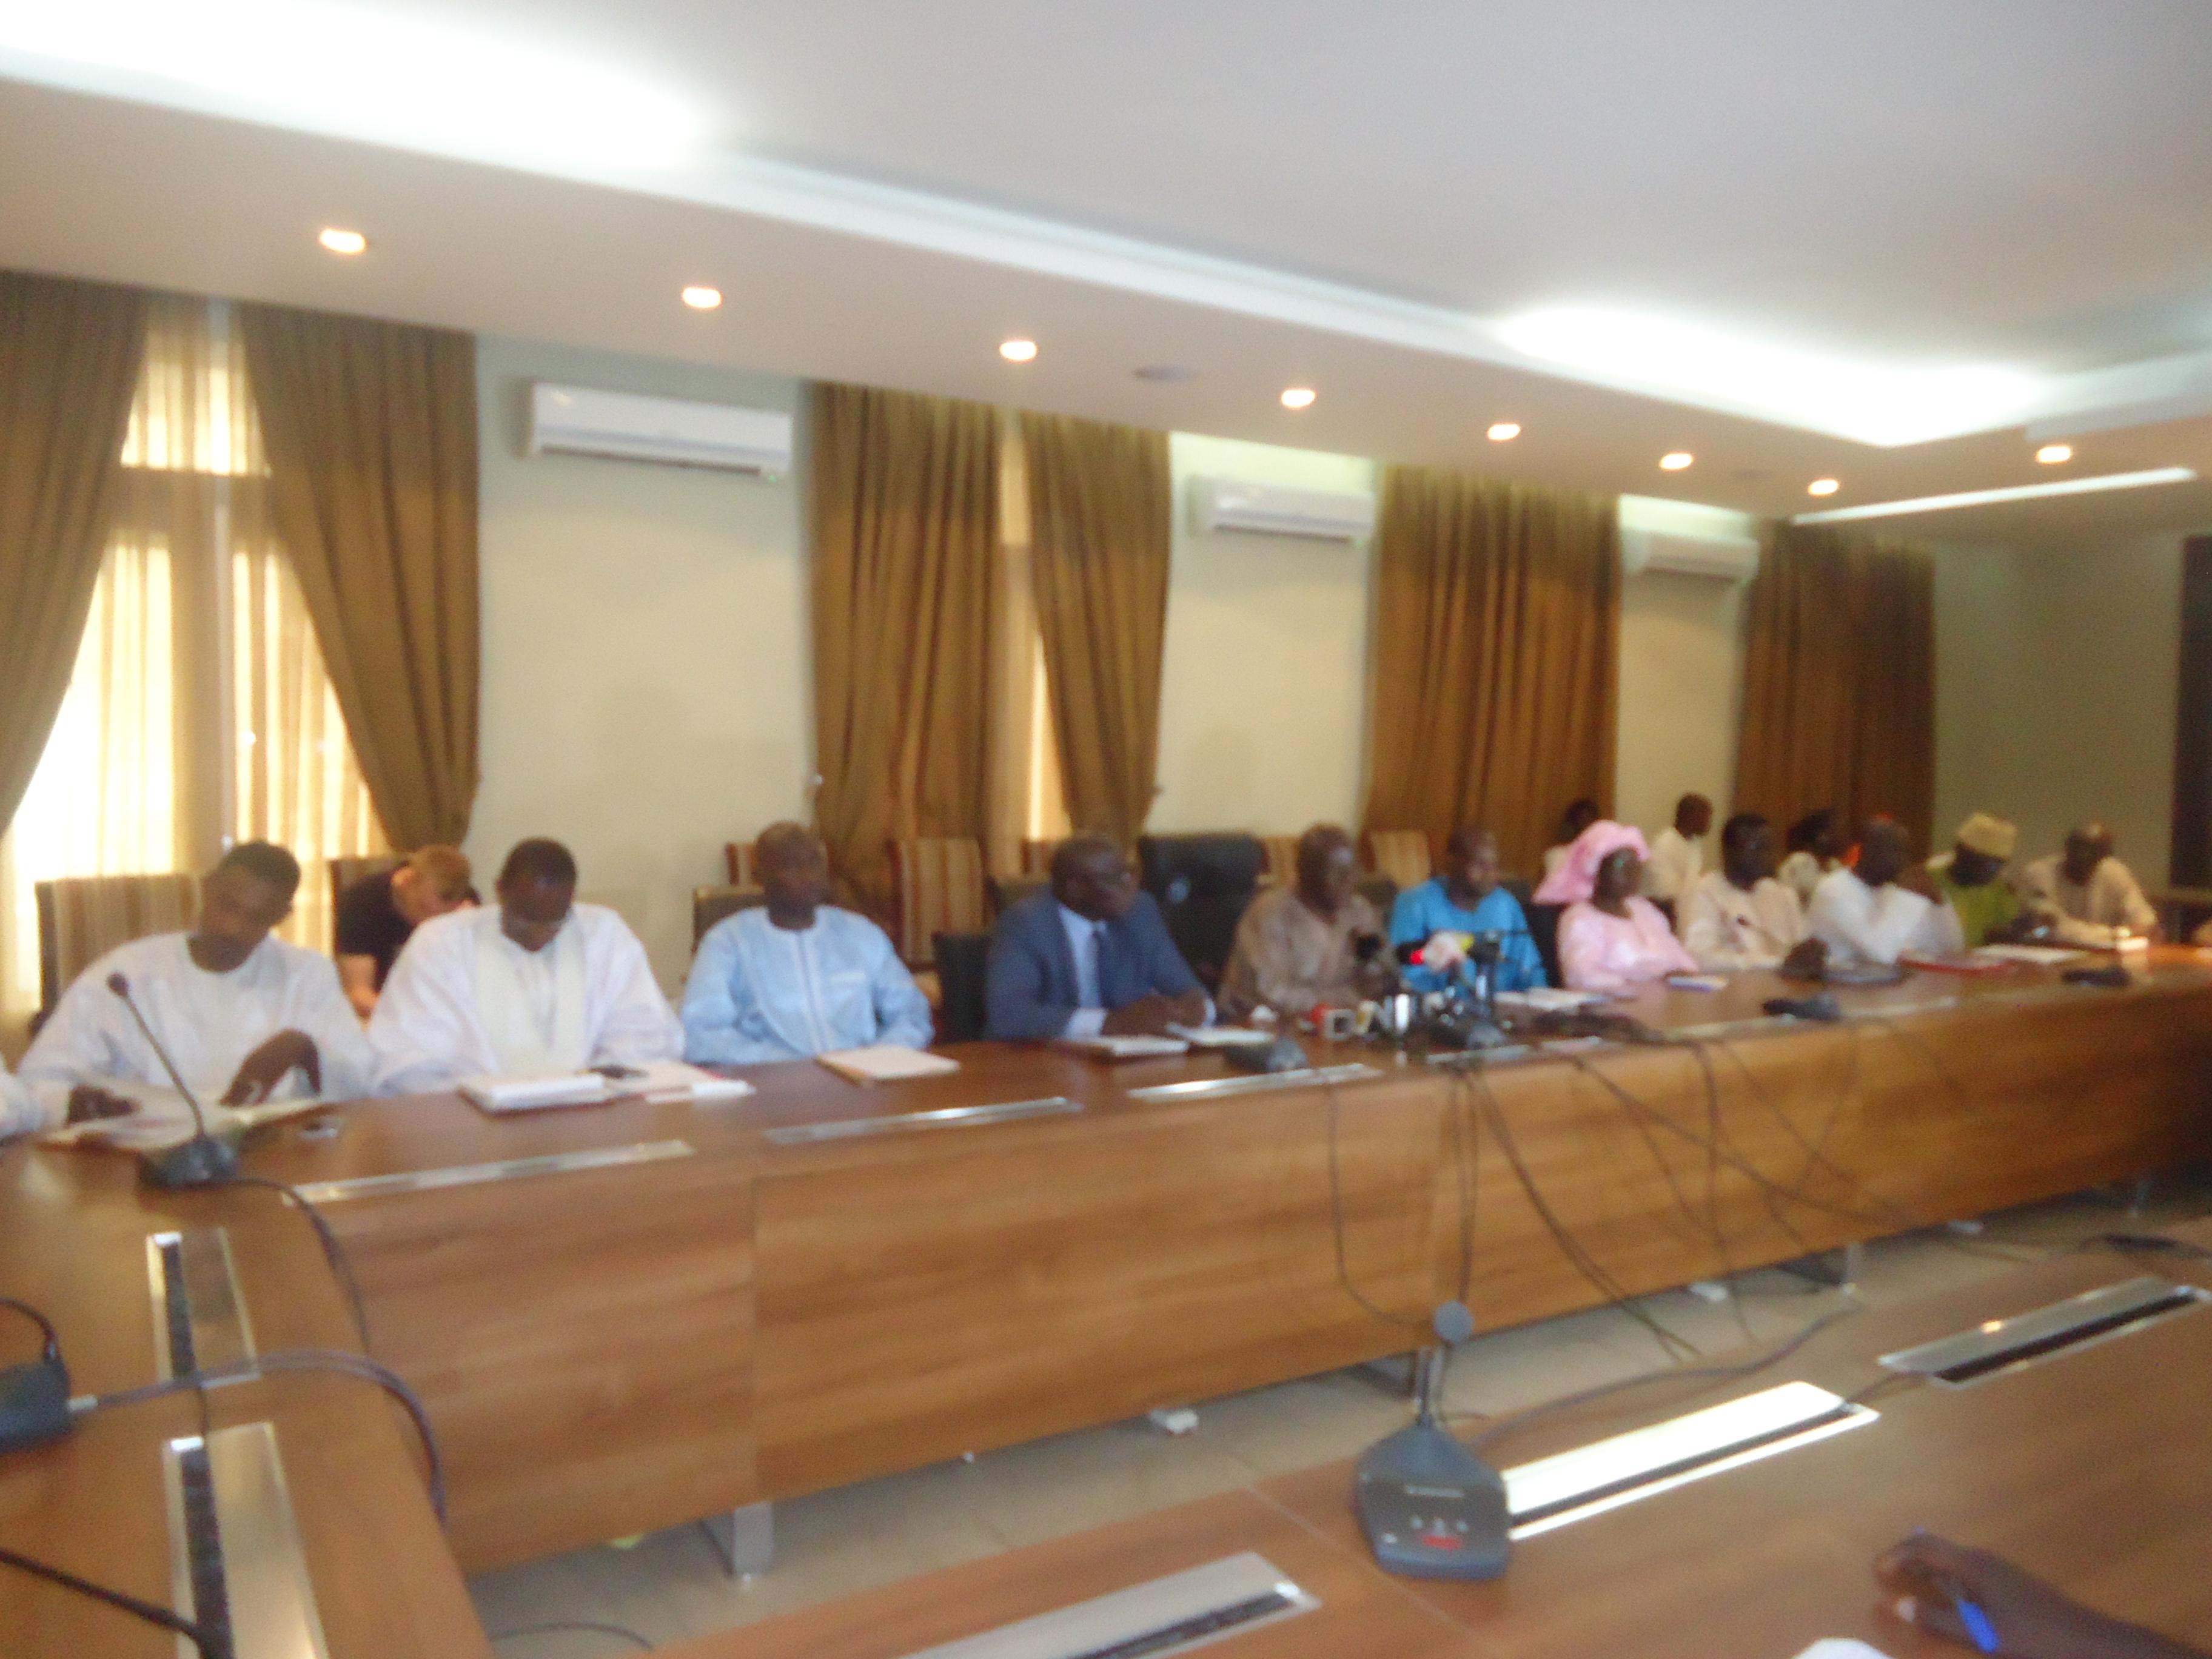 61 morts Sénégalais confirmés, la cellule poursuit le processus d'identification à la Mecque